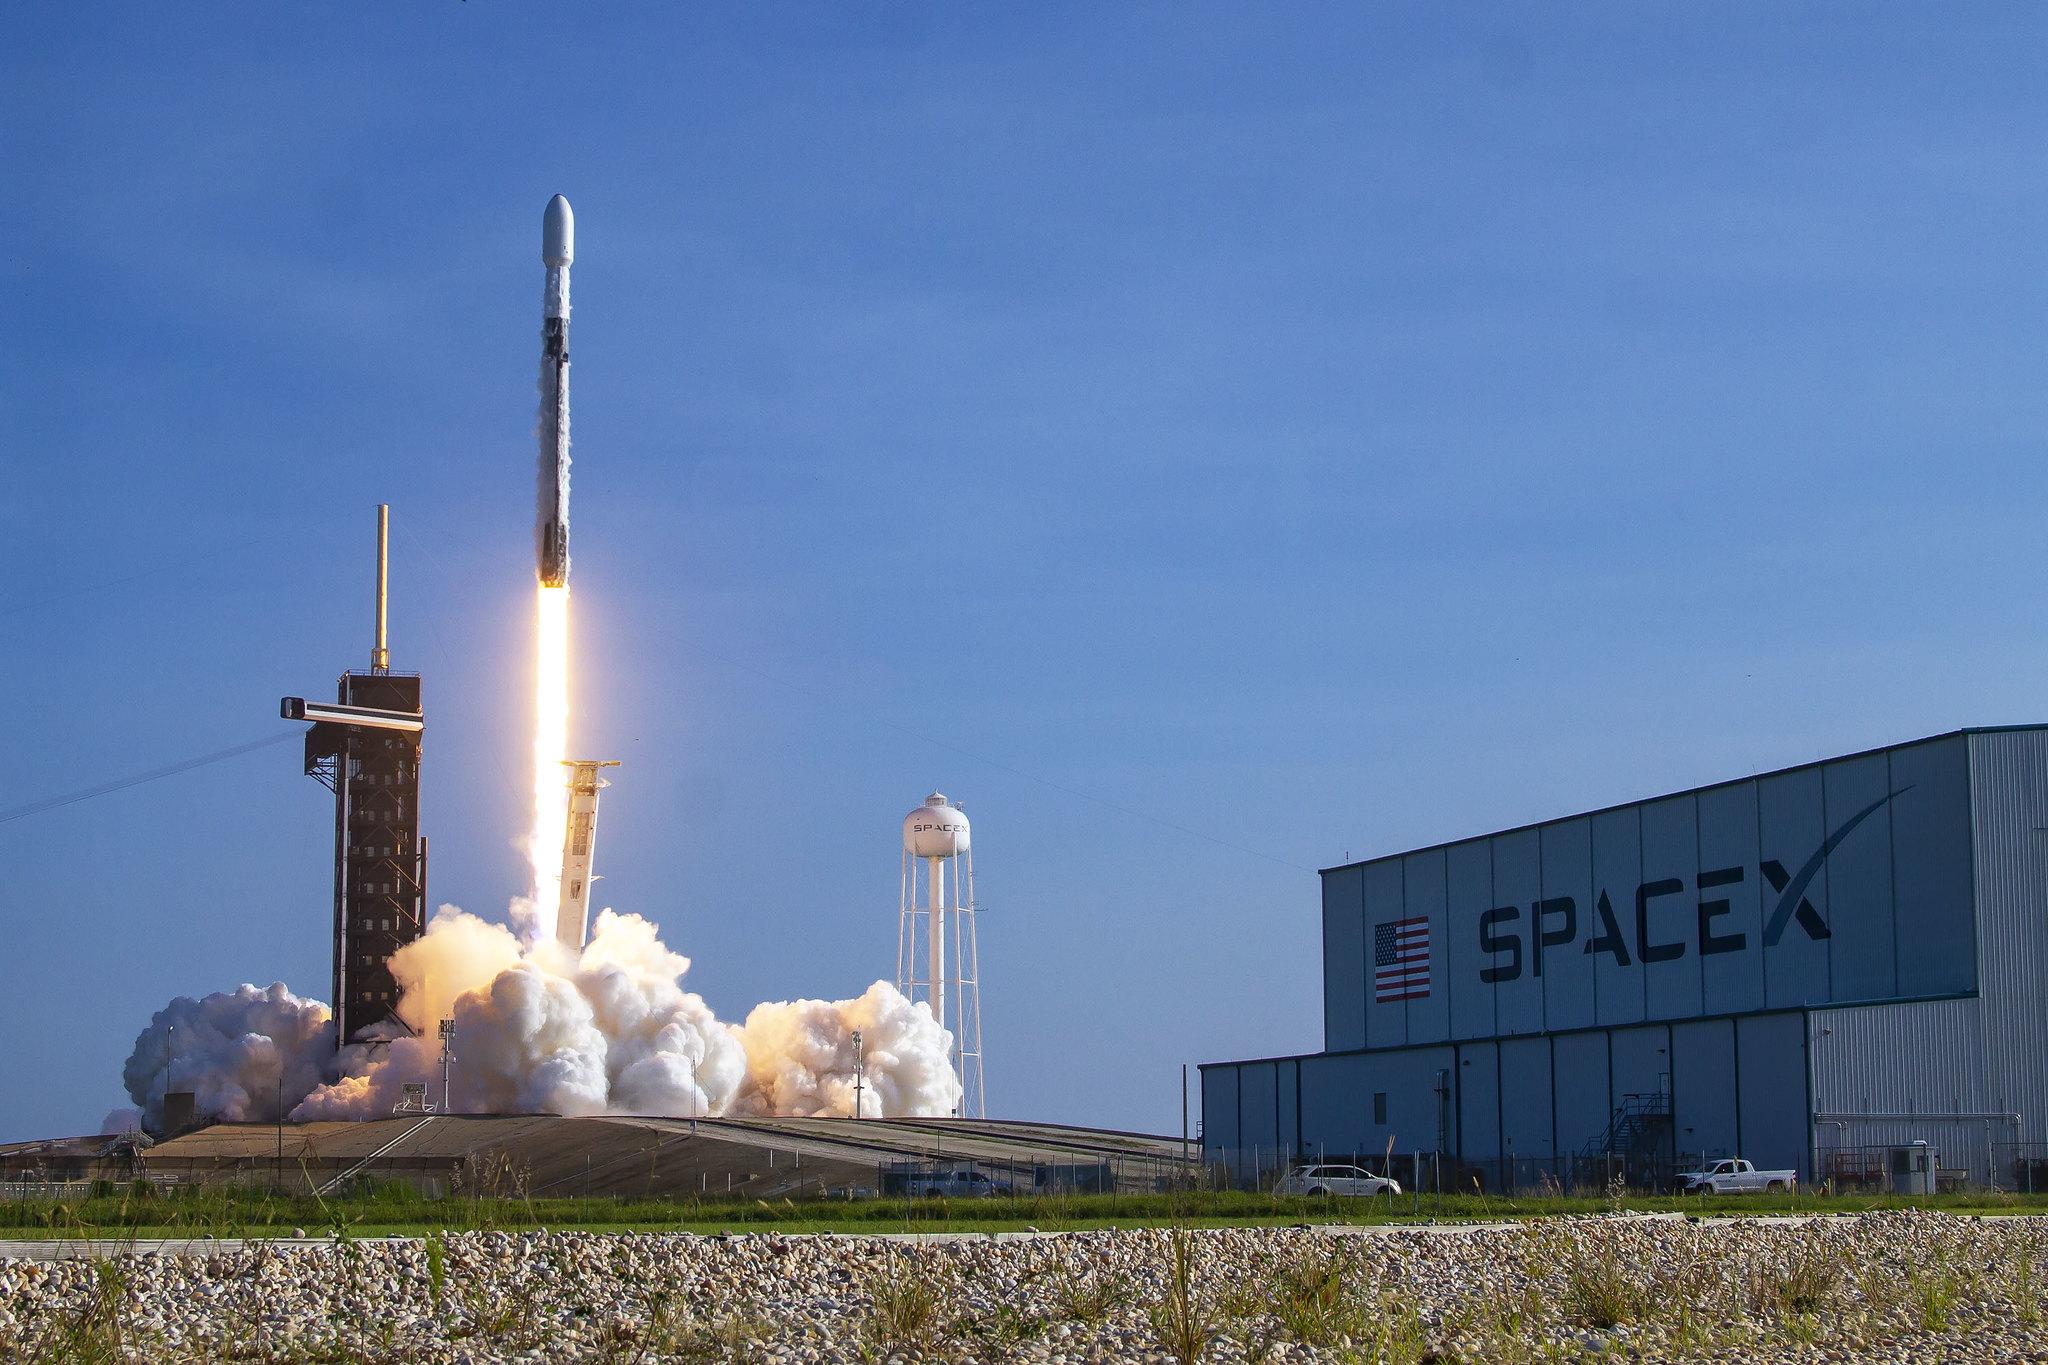 SpaceX postpones next Starlink satellite fleet launch due to rocket camera issue